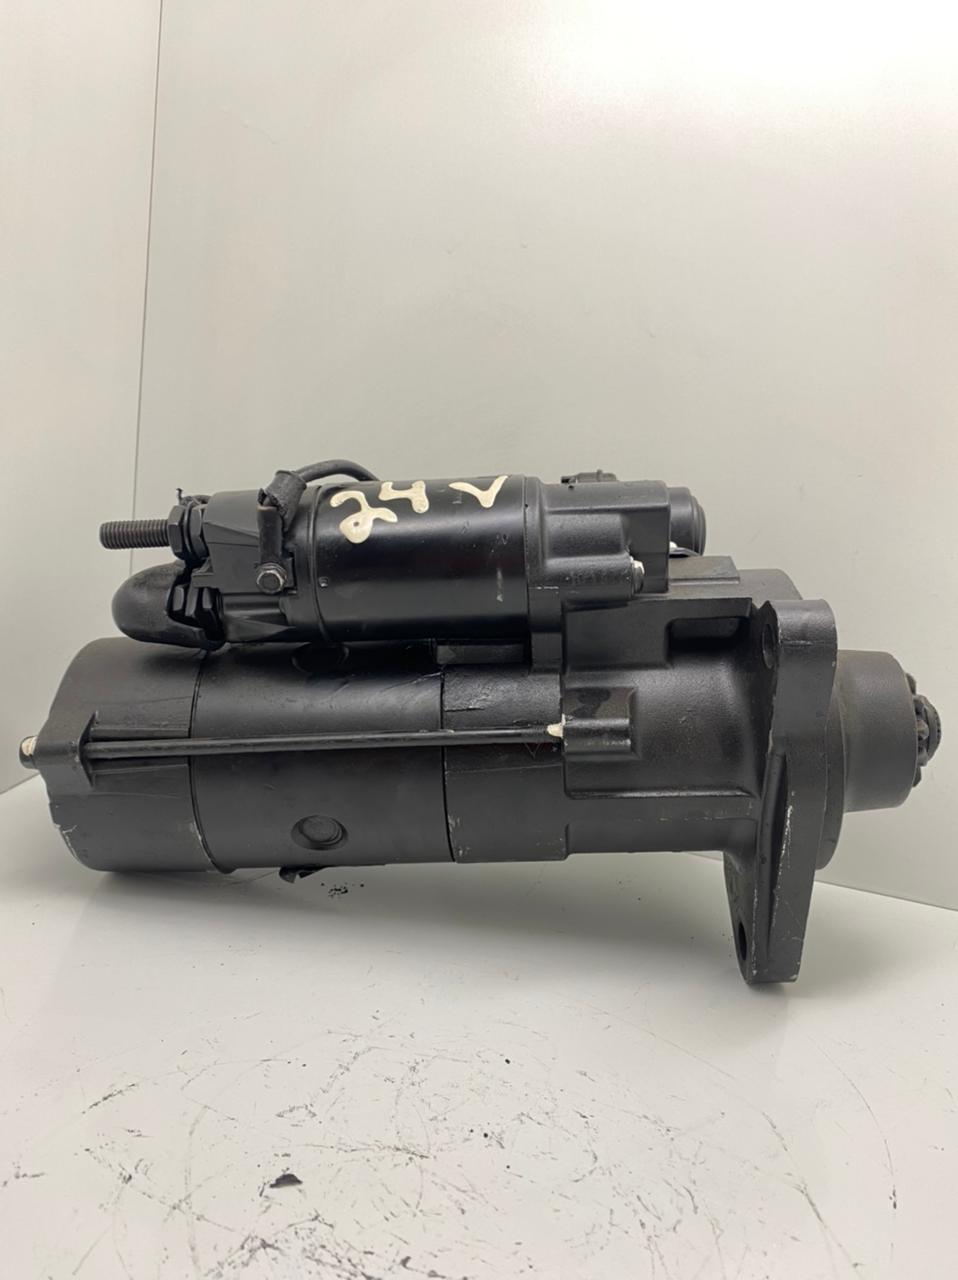 Motor de arranque IVECO Strallis 380 Trakker Euro Trakker MITSUBISHI 24V 12 DENTES M009T61671 M9T61671 M009T61671ZA 42498715 504042667